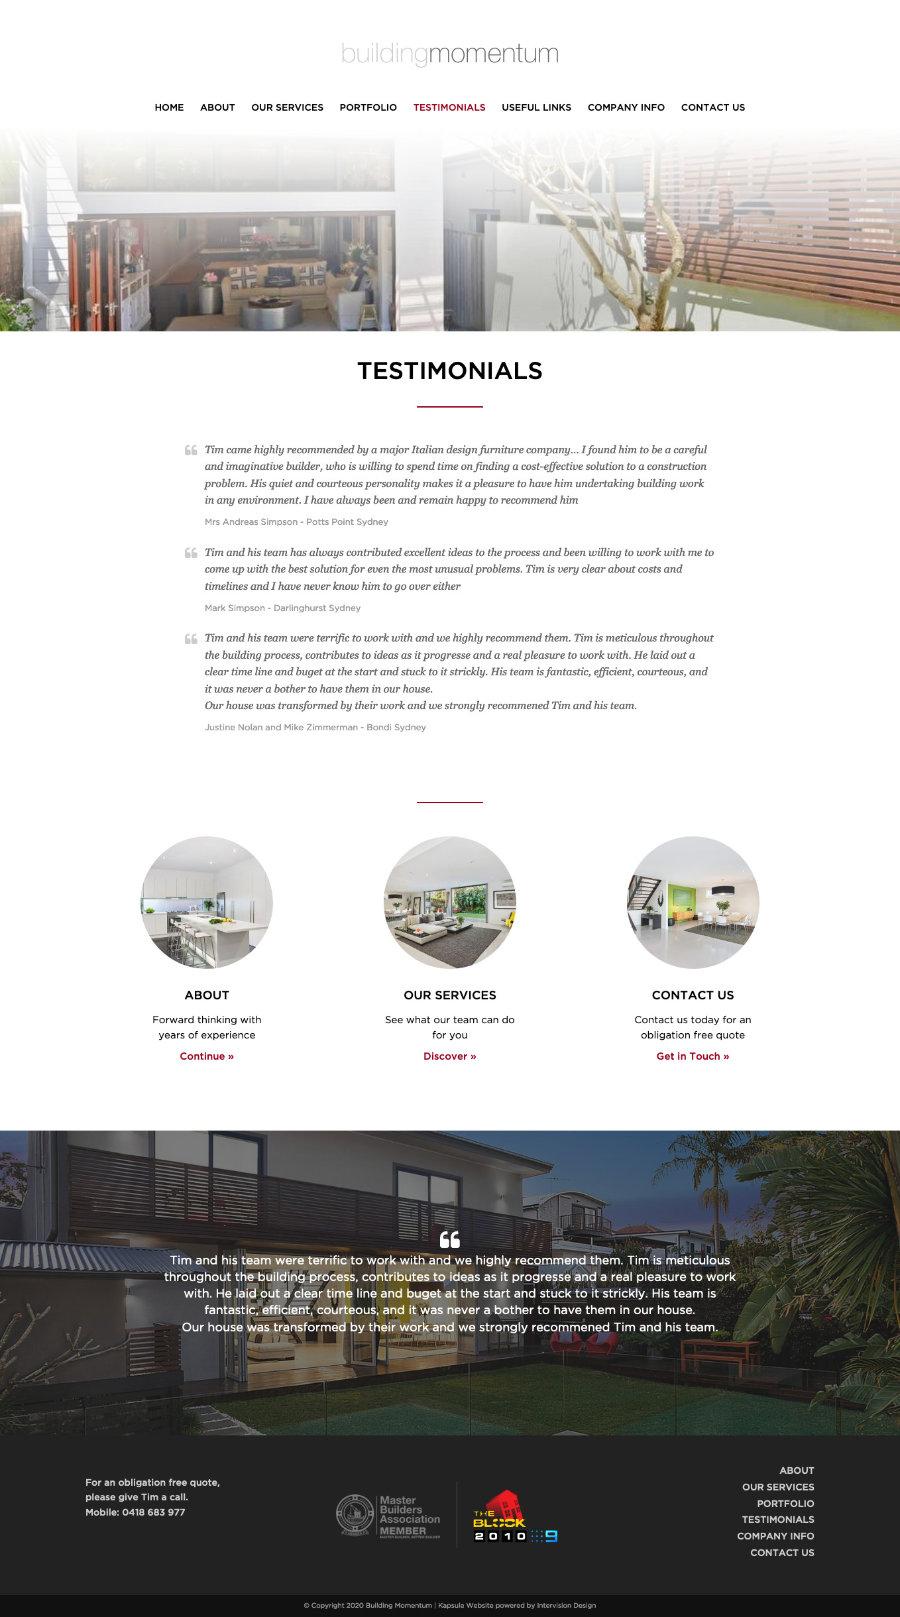 Building Momentum by Kapsule Websites